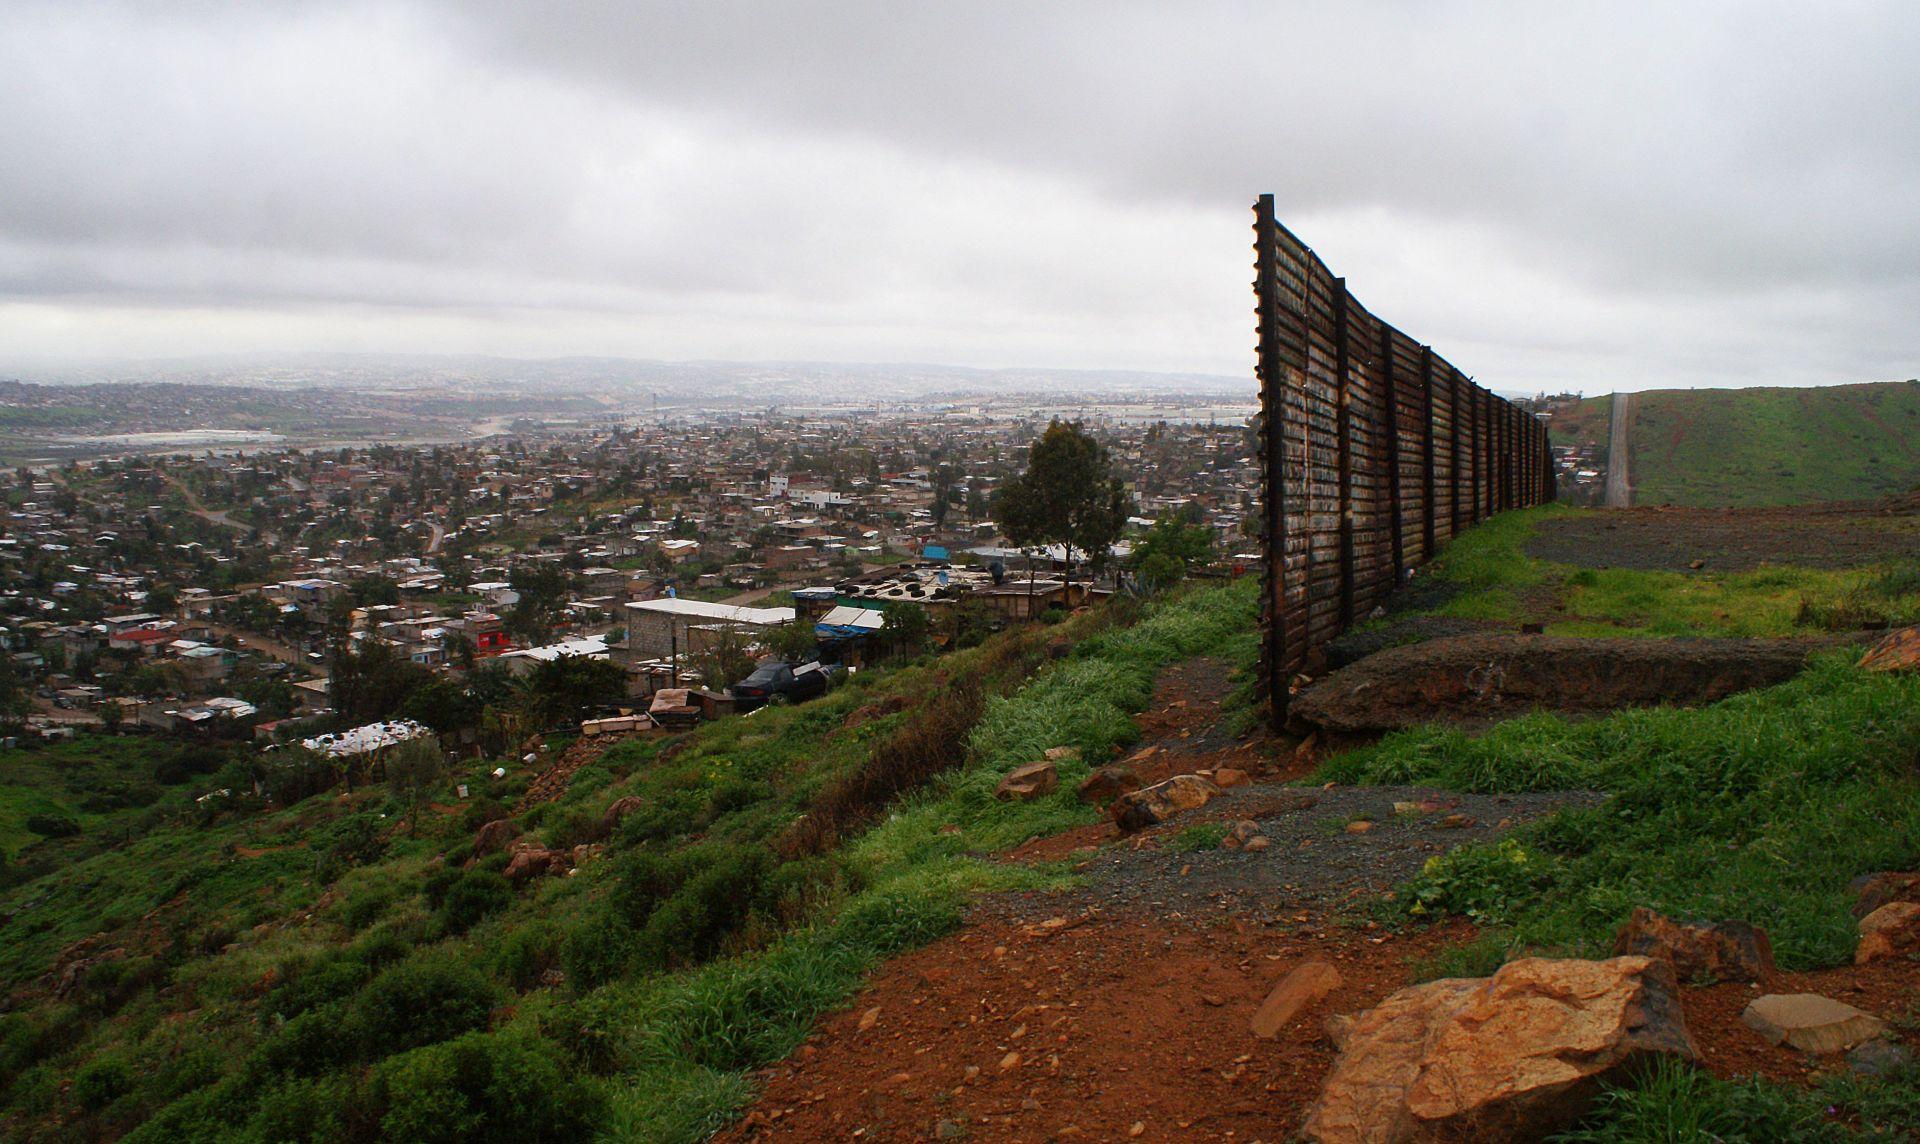 MEKSIKO Policija ubila 19 naoružanih članova bande